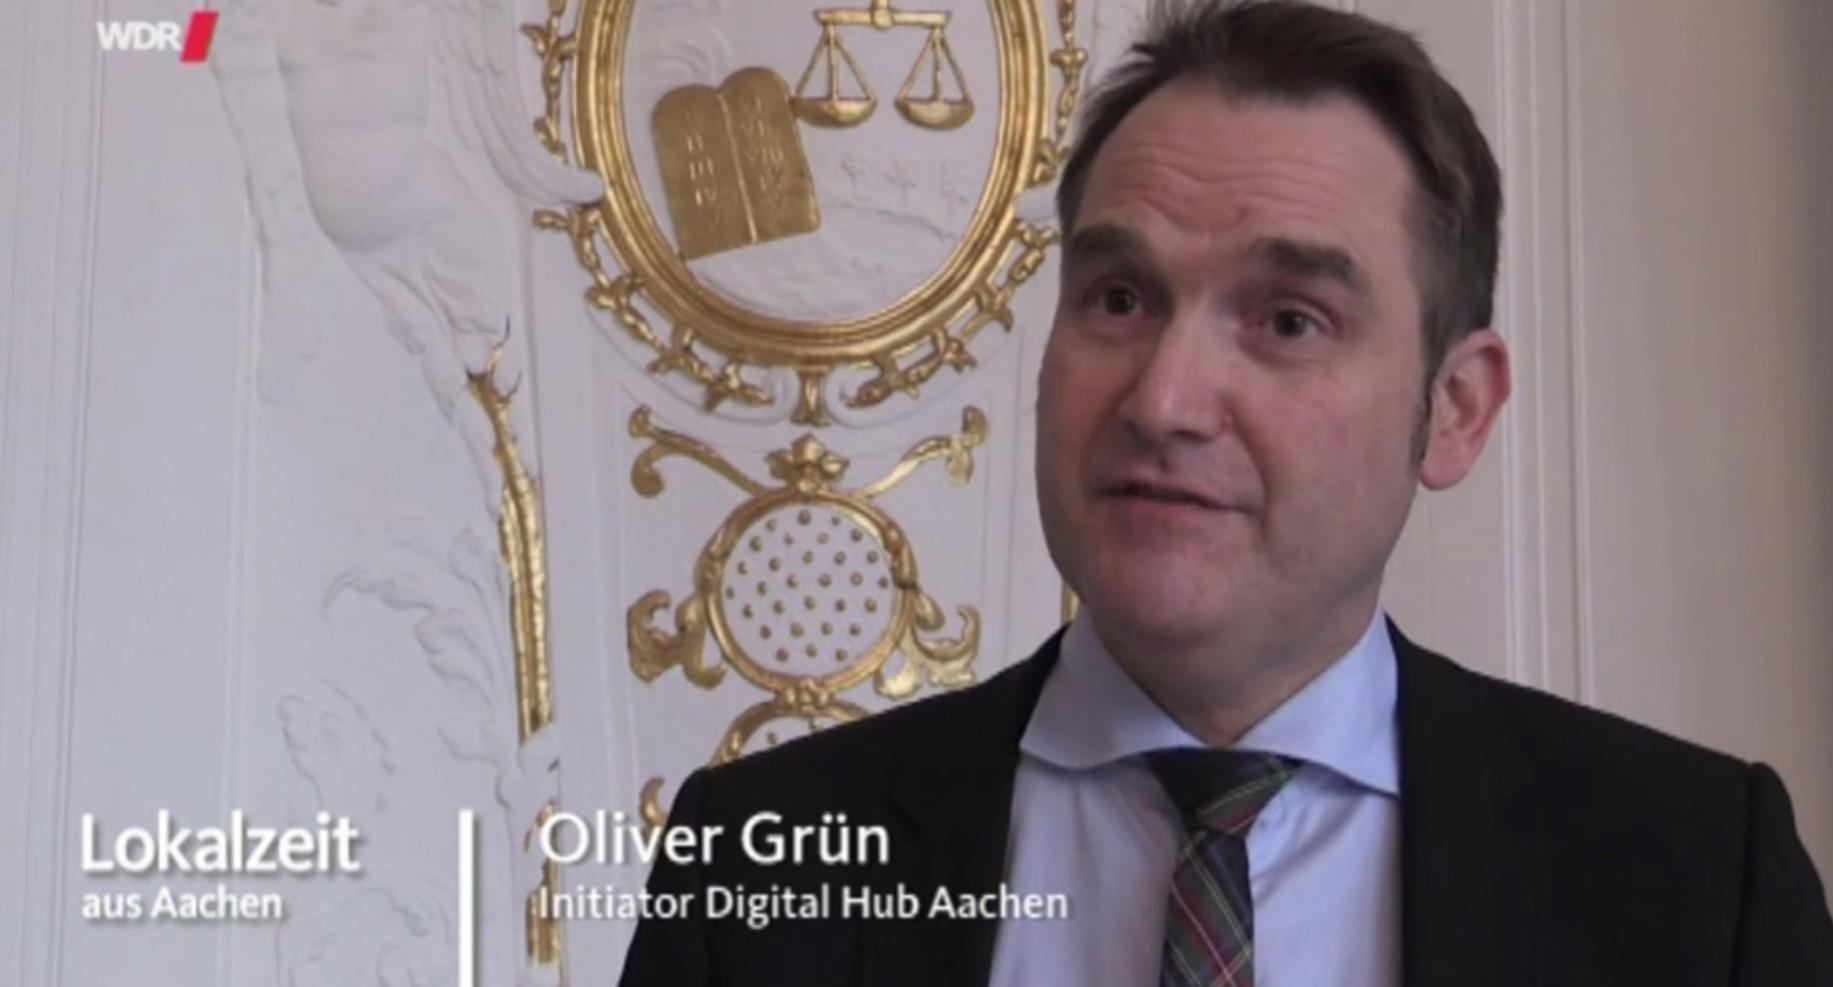 Der Digital Hub ist für die StädteRegion Aachen ein bedeutendes Wirtschaftsförderungsthema, das die GRÜN Software AG als Initiator tatkräftig unterstützt.